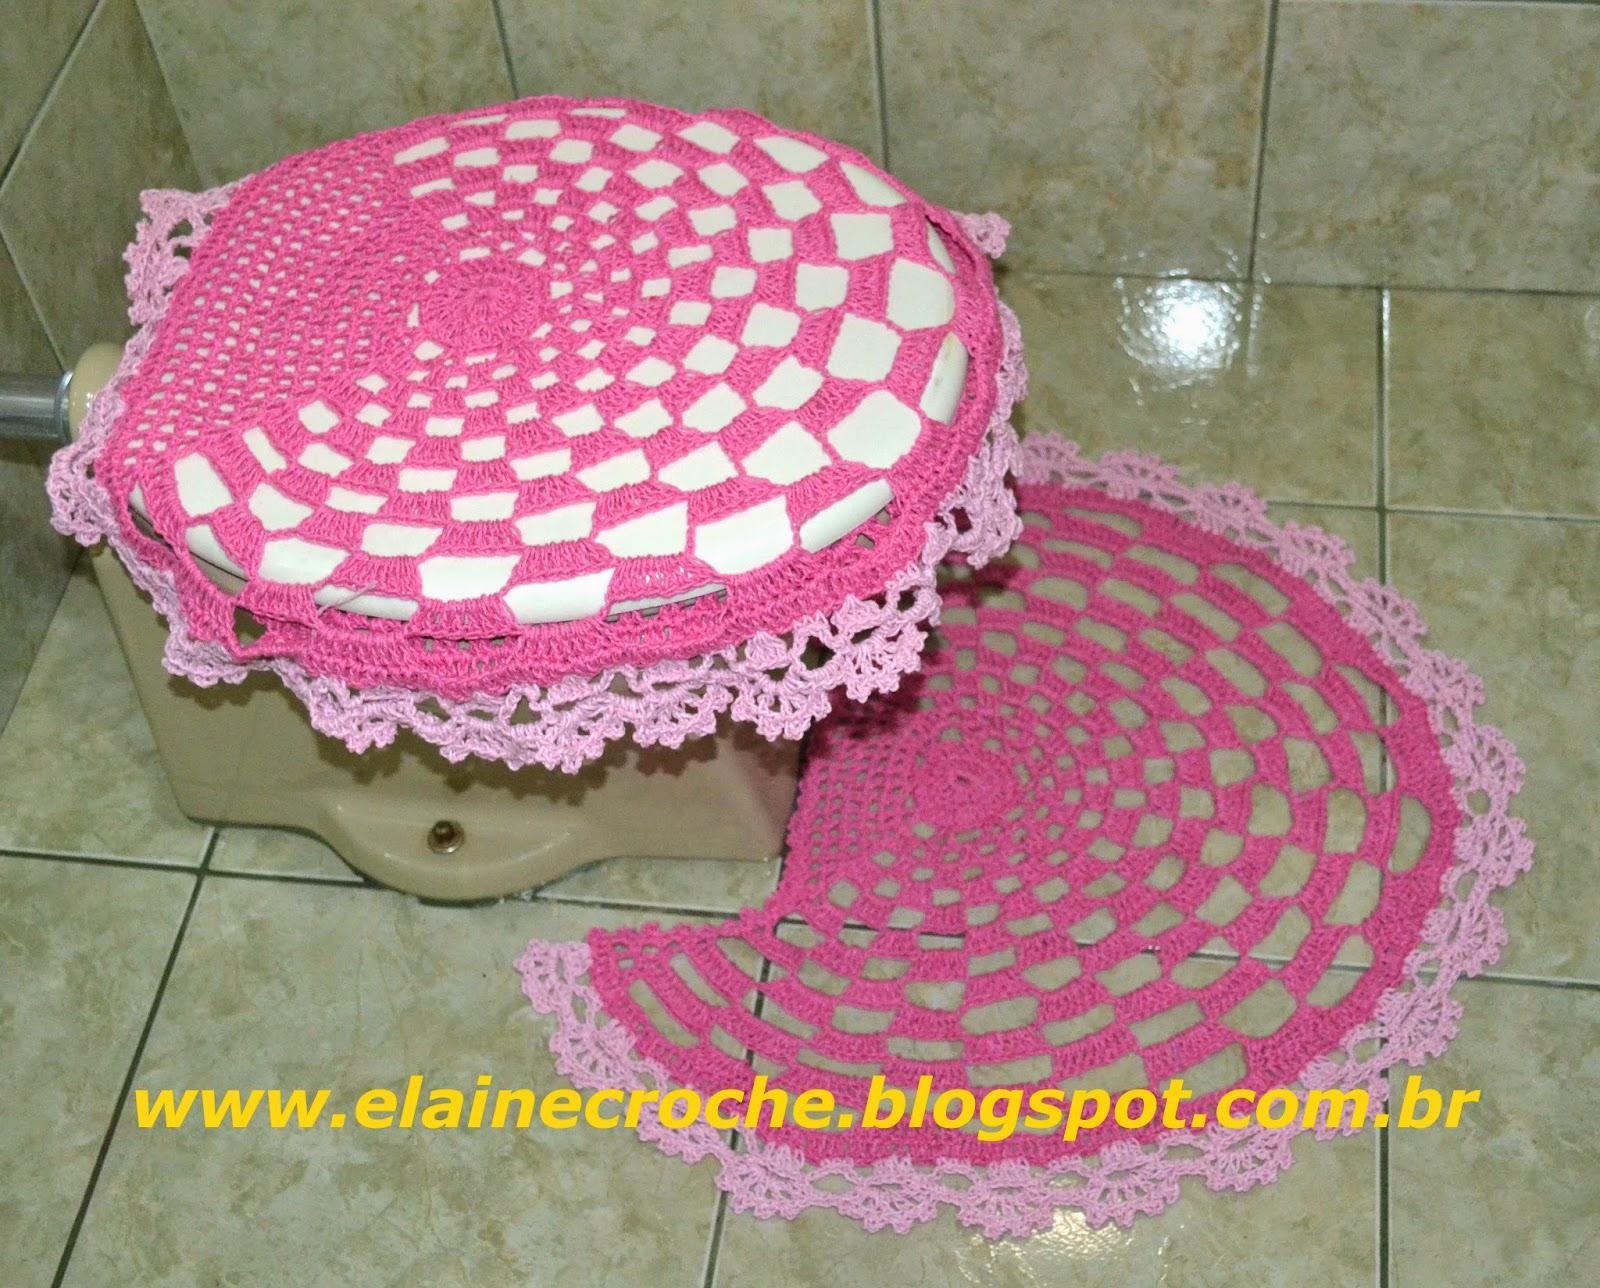 Elaine Croche Jogo de Banheiro Lyra em Crochê  4 Peças  Vídeo Aula Crochê -> Jogo De Banheiro Simples Passo A Passo